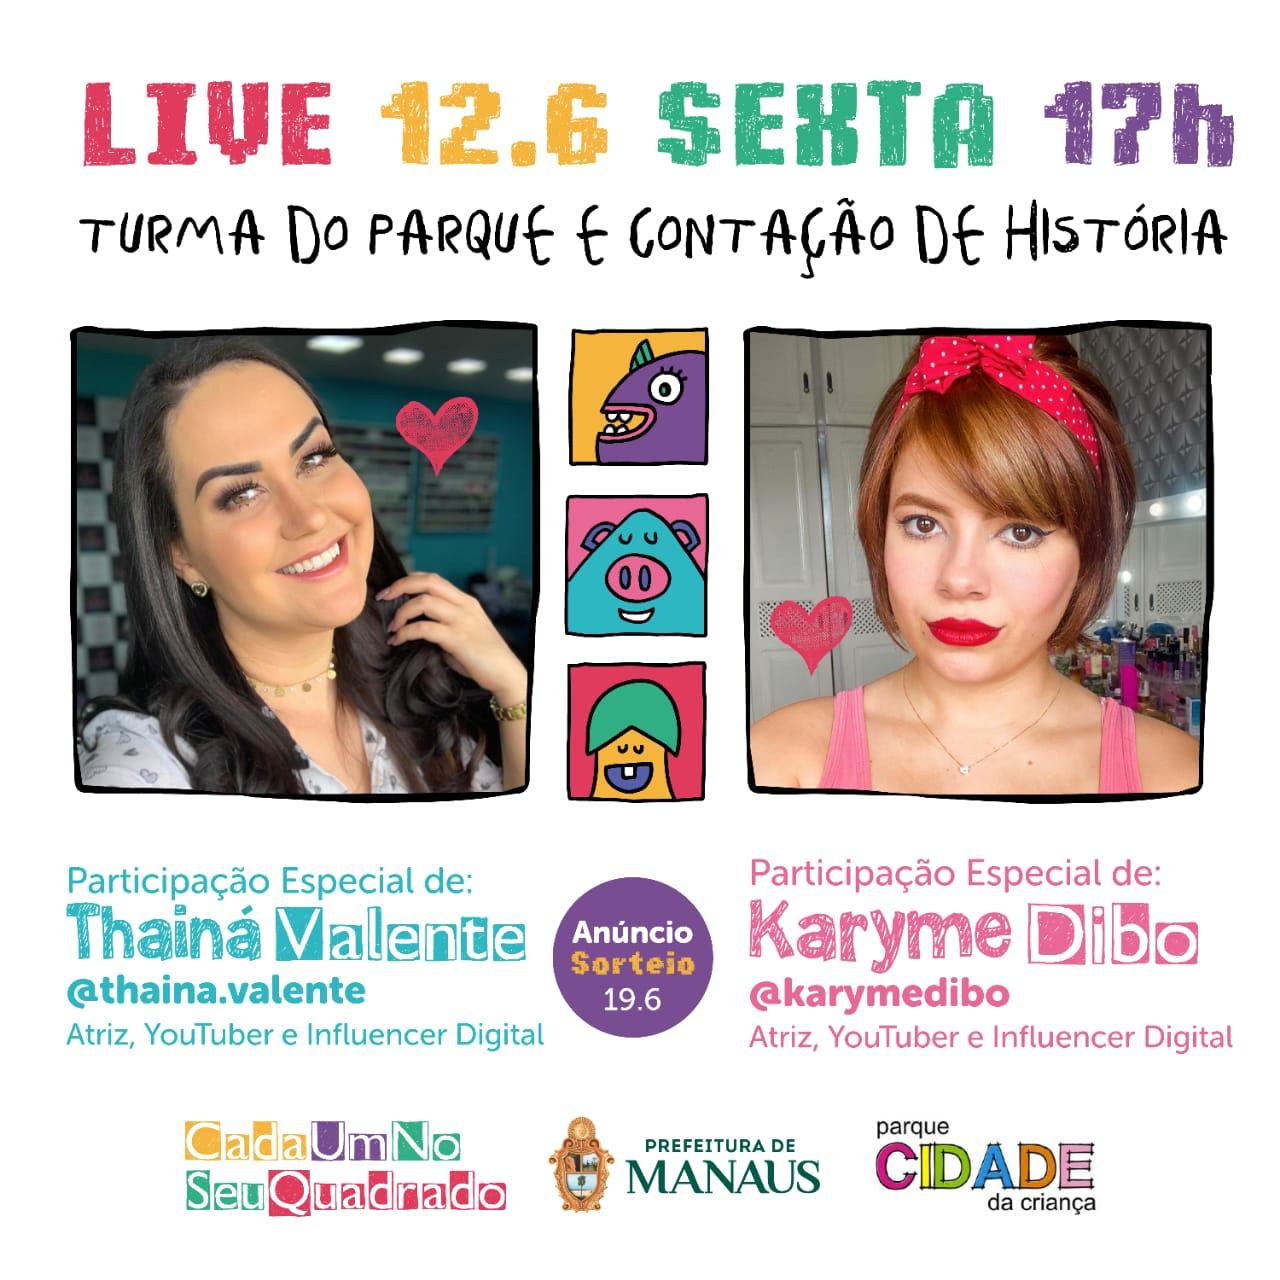 Parque Cidade da Criança promove live de contação de história nesta sexta-feira